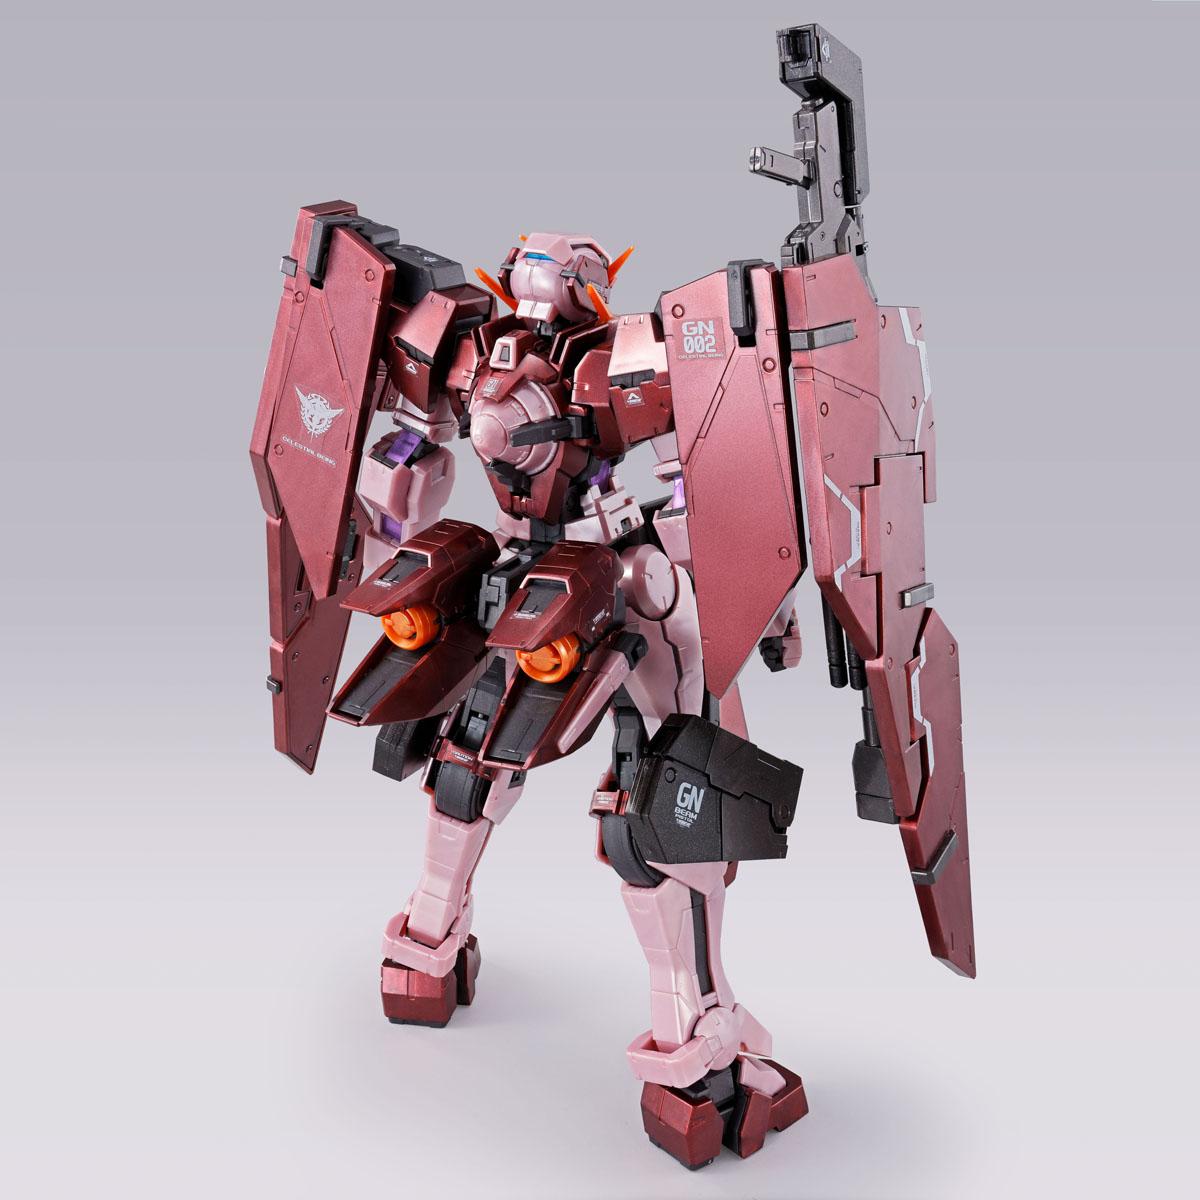 MG 1/100 GUNDAM DYNAMES(TRANS-AM MODE)[METALLIC GROSS INJECTION]